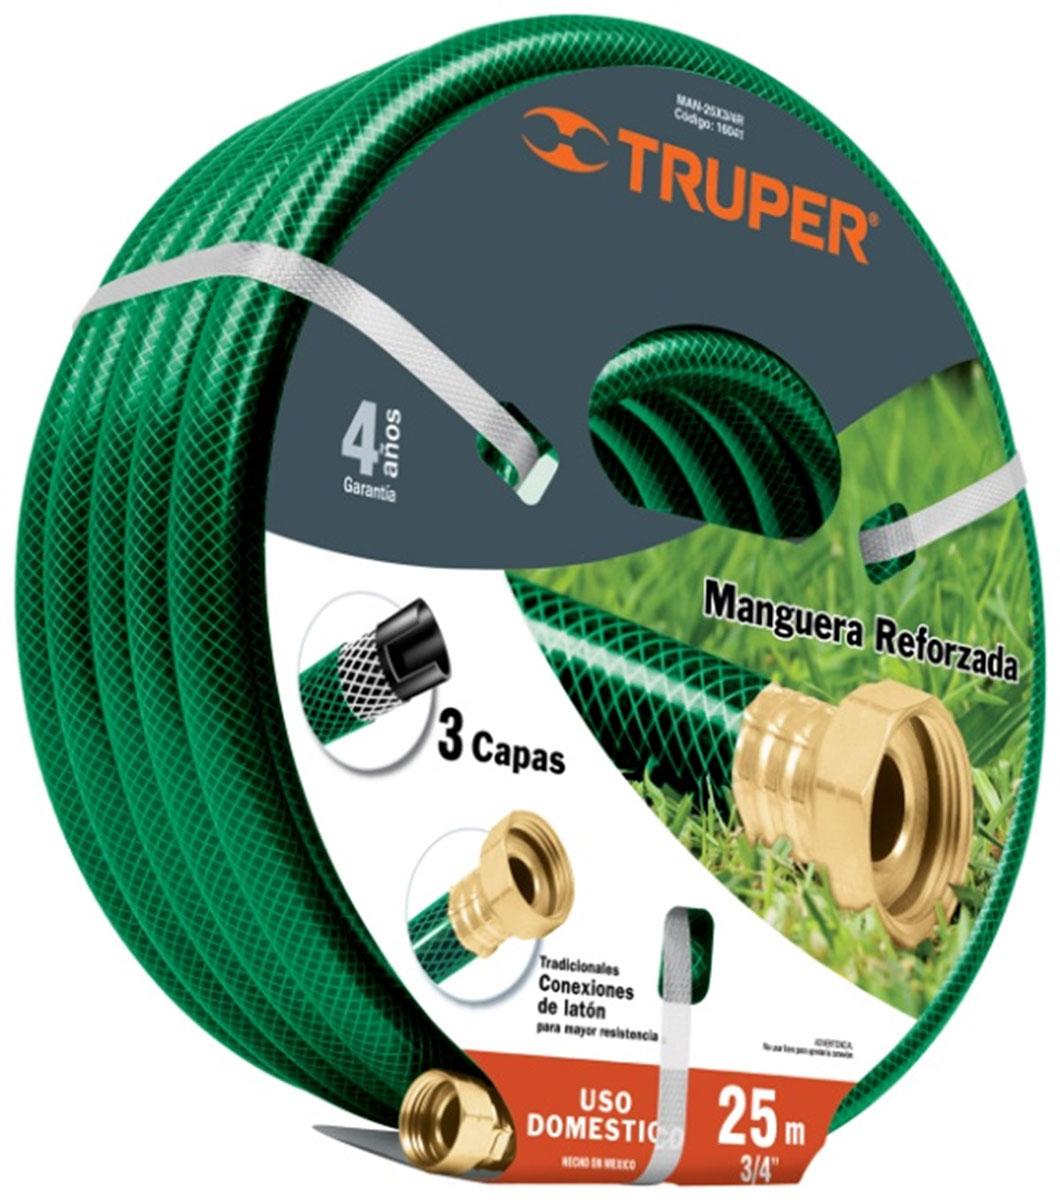 Шланг садовый Truper, трехслойный, 3/4, 25 мMAN-25X3/4RТрехслойный садовый шланг Truper применяется для поливочных работ на приусадебном участке. Изделие, изготовленное из высококачественного полипропилена, устойчиво к воздействиям окружающей среды и образованию водорослей на внутреннем слое. Отсутствие в составе токсичных веществ обеспечивает безопасность для окружающей среды и человека. Имеет длительный срок эксплуатации, не обесцвечивается и не теряет форму со временем. В комплекте латунный коннектор.